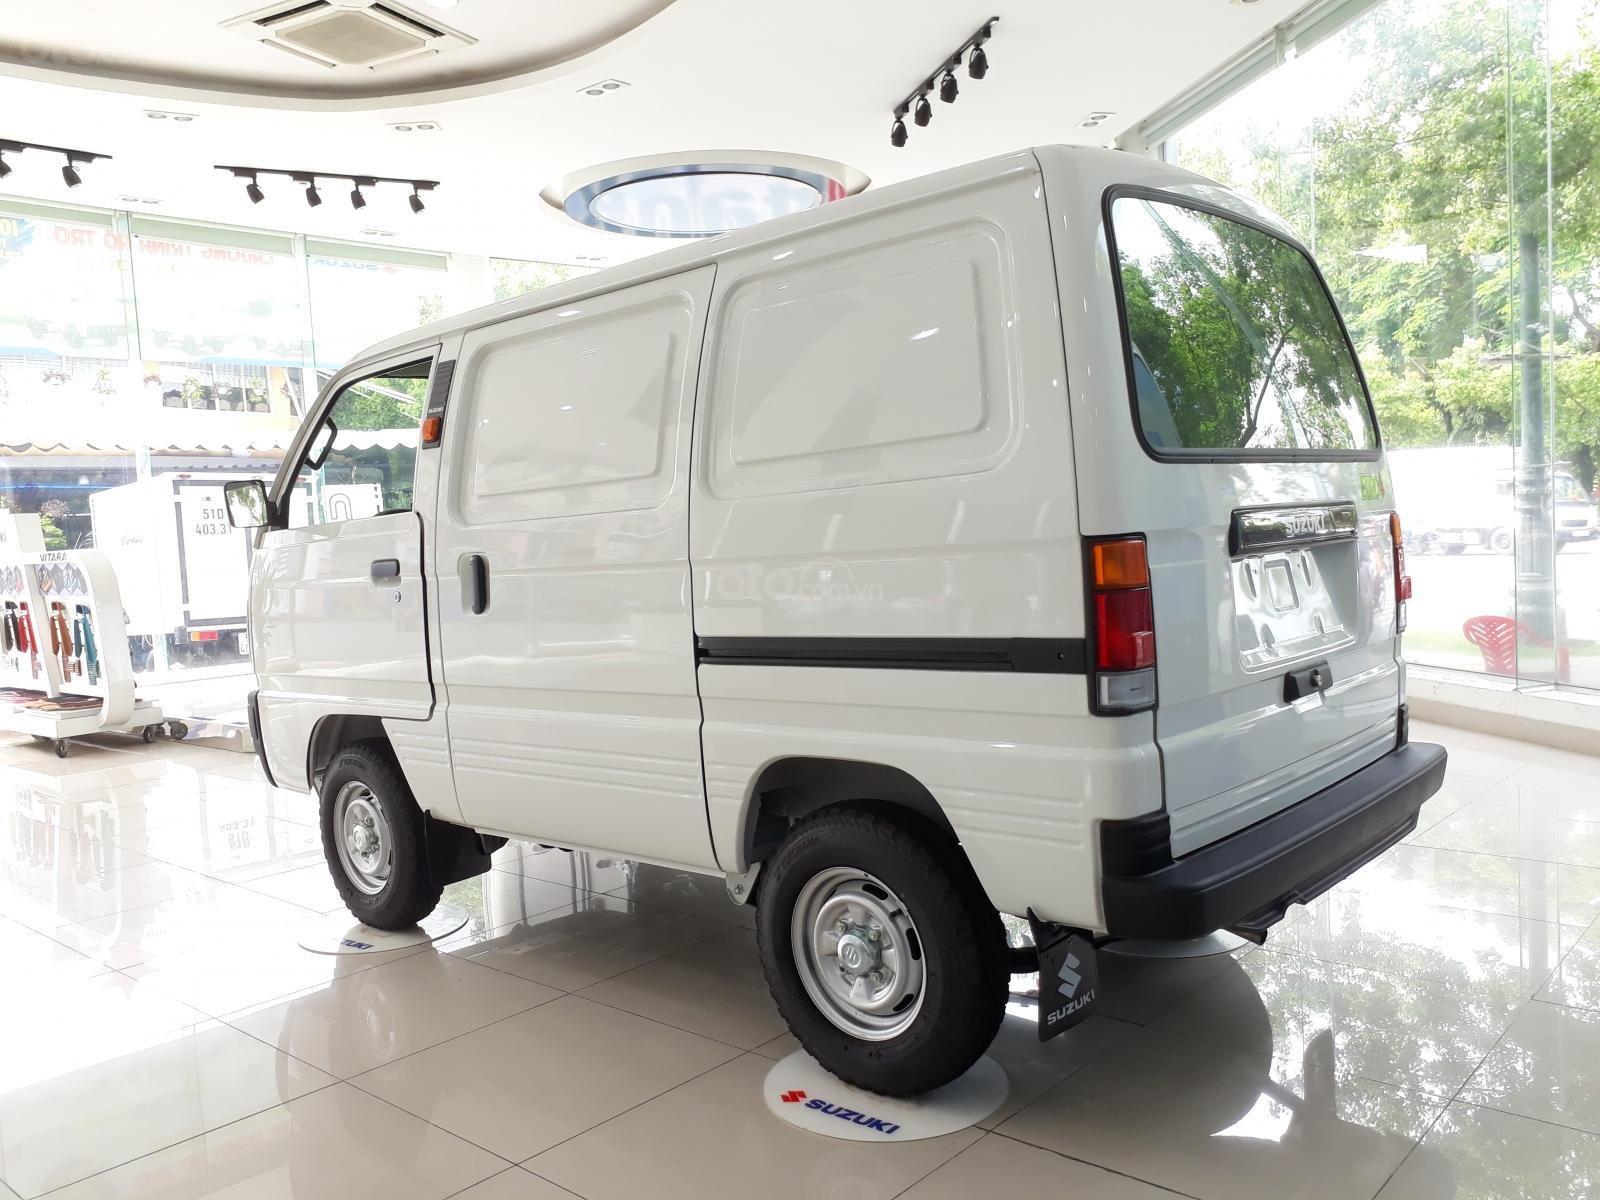 Xe tải Suzuki Blind Van 2020 chạy giờ cao điểm, giá ưu đãi 50% thuế trước bạ (3)